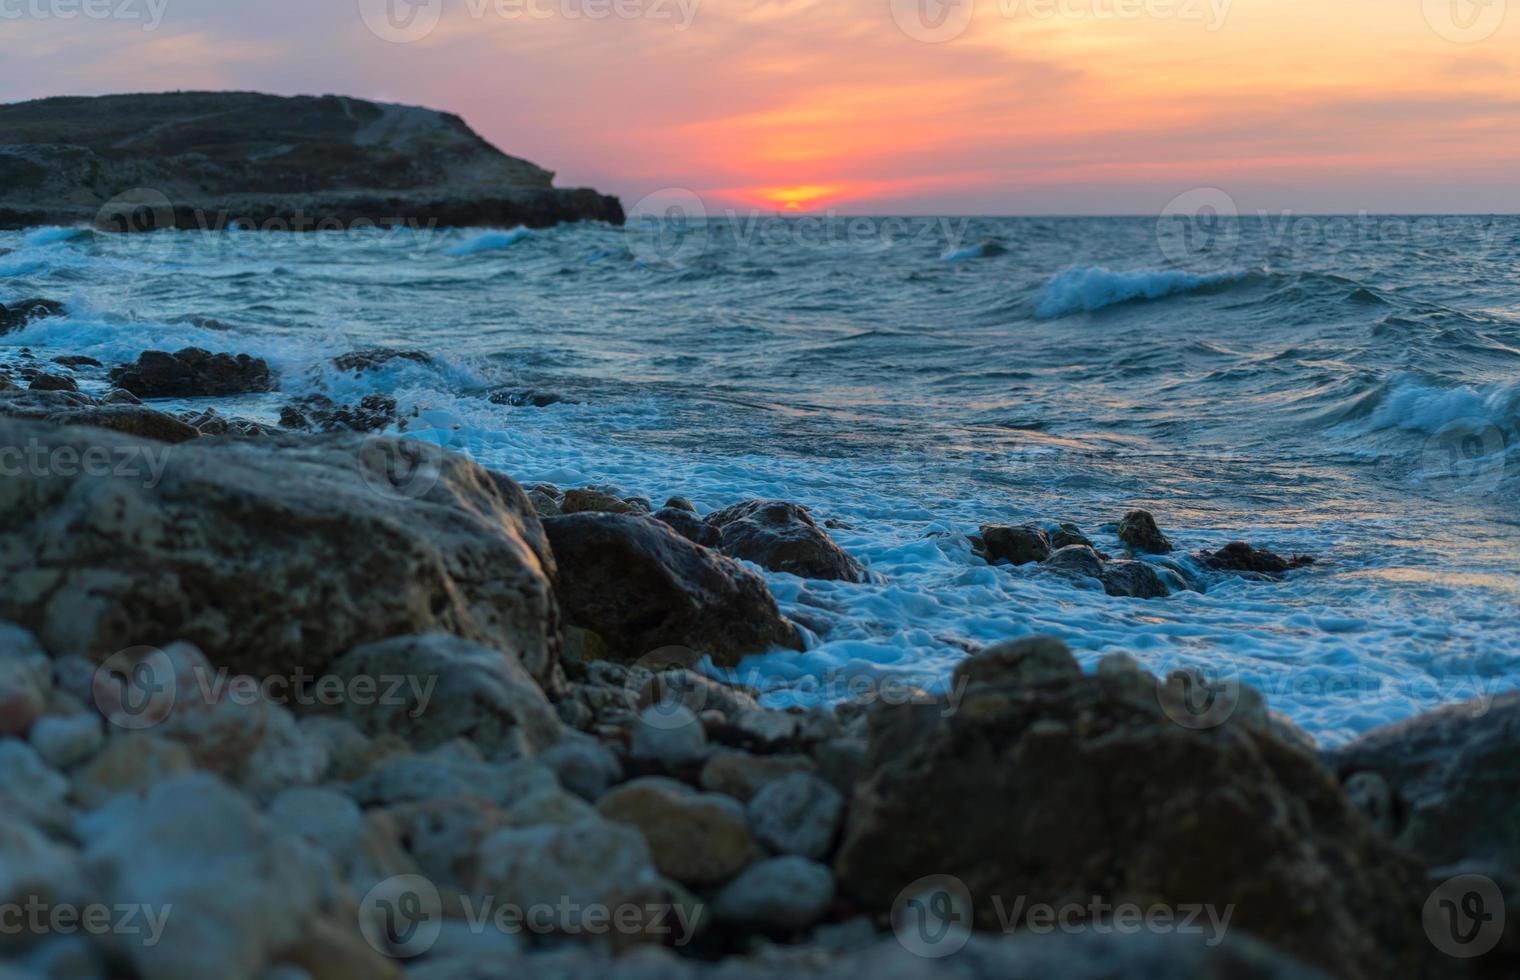 sunset at sea photo